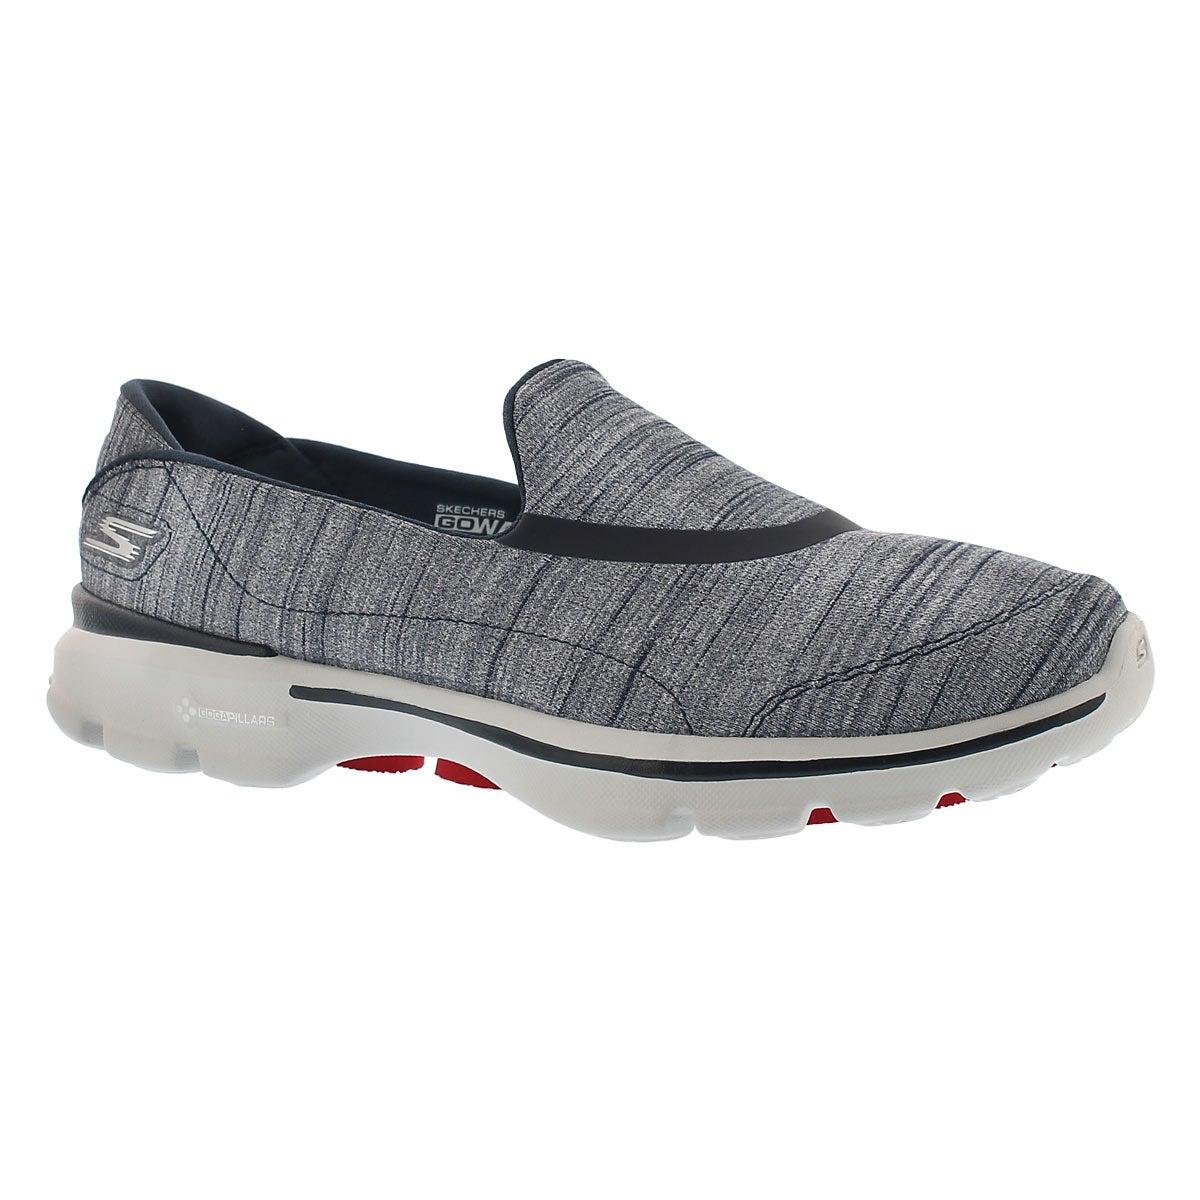 Lds GOwalk 3 navy walking shoe